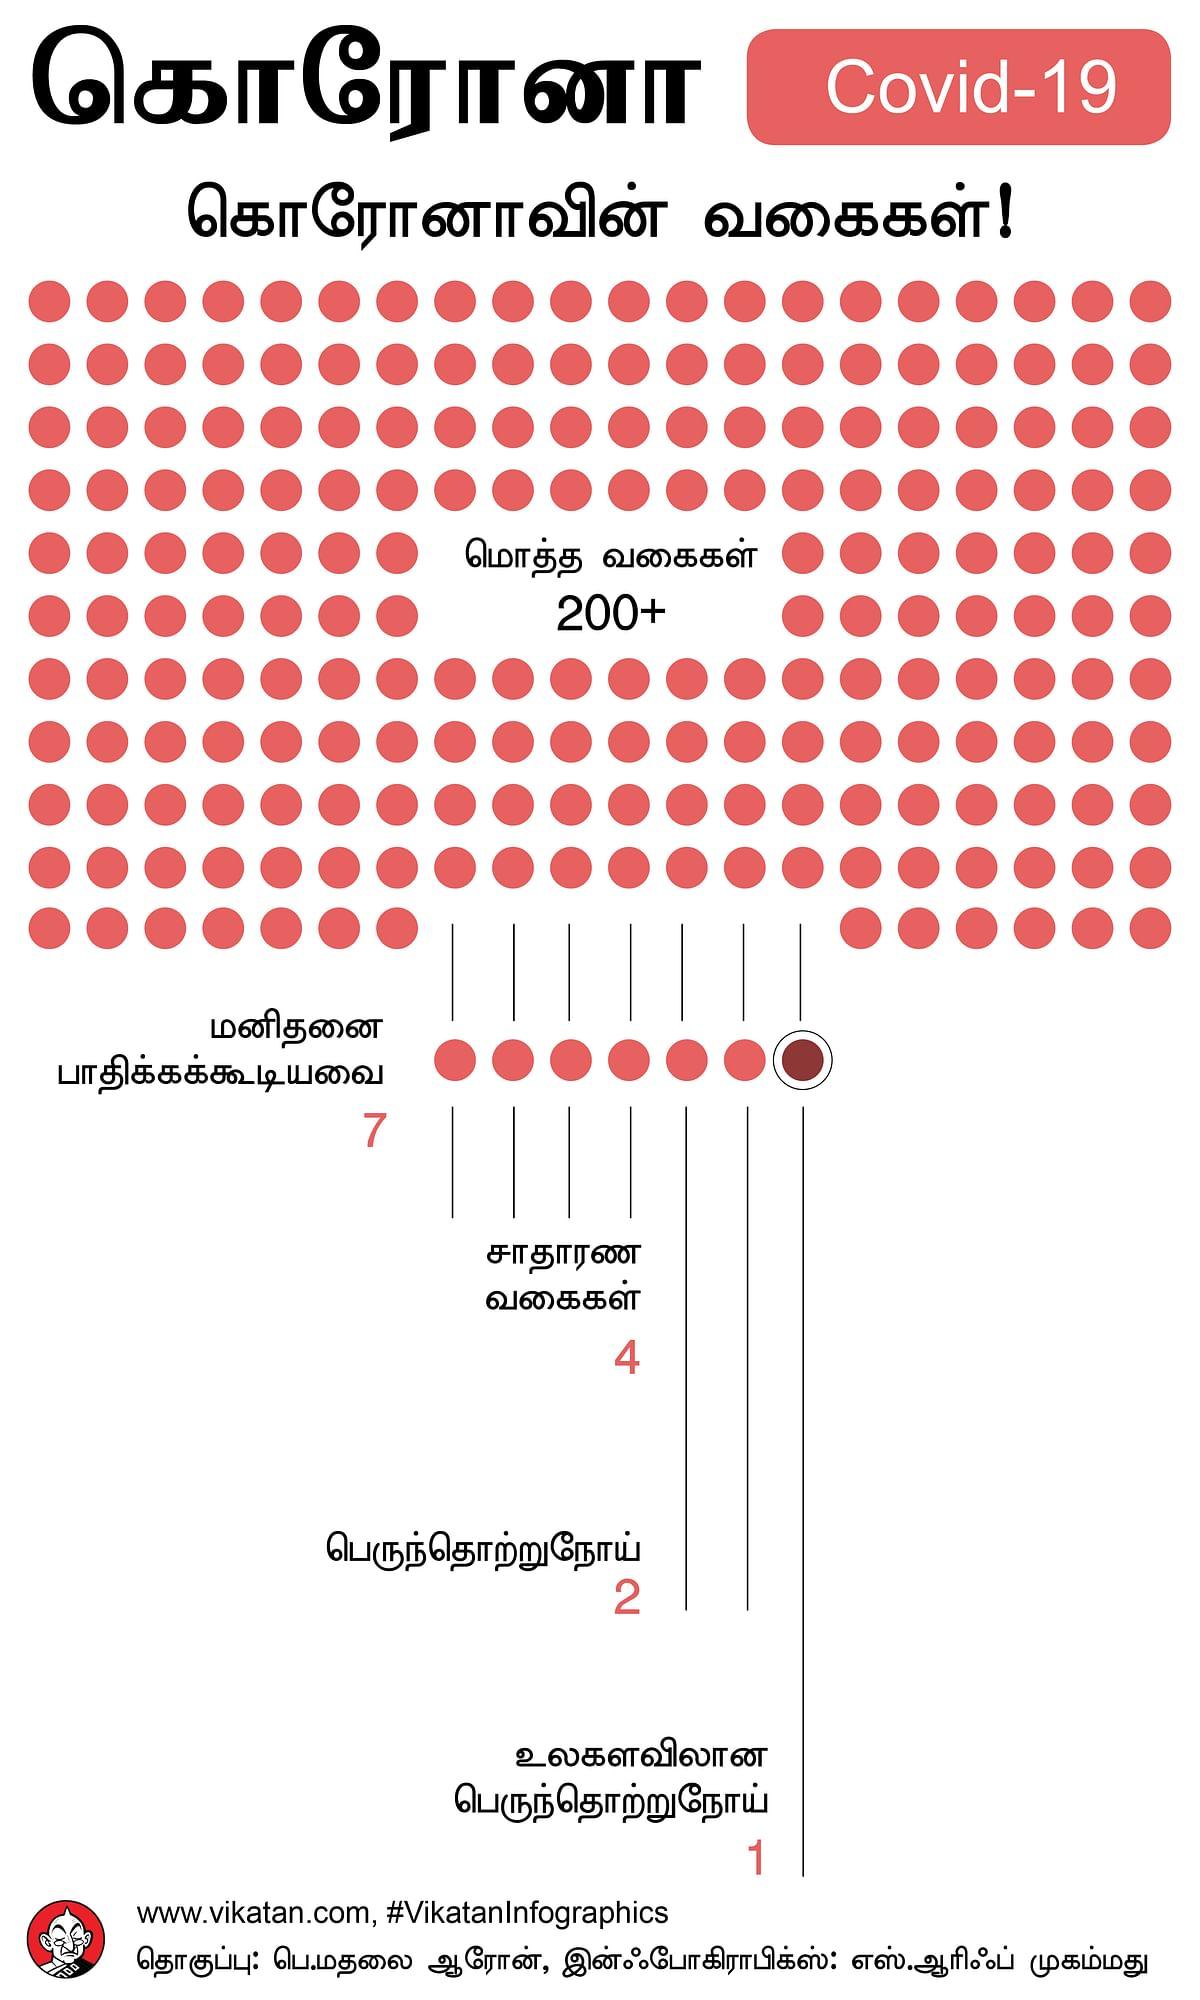 கொரோனாவின் வகைகள்